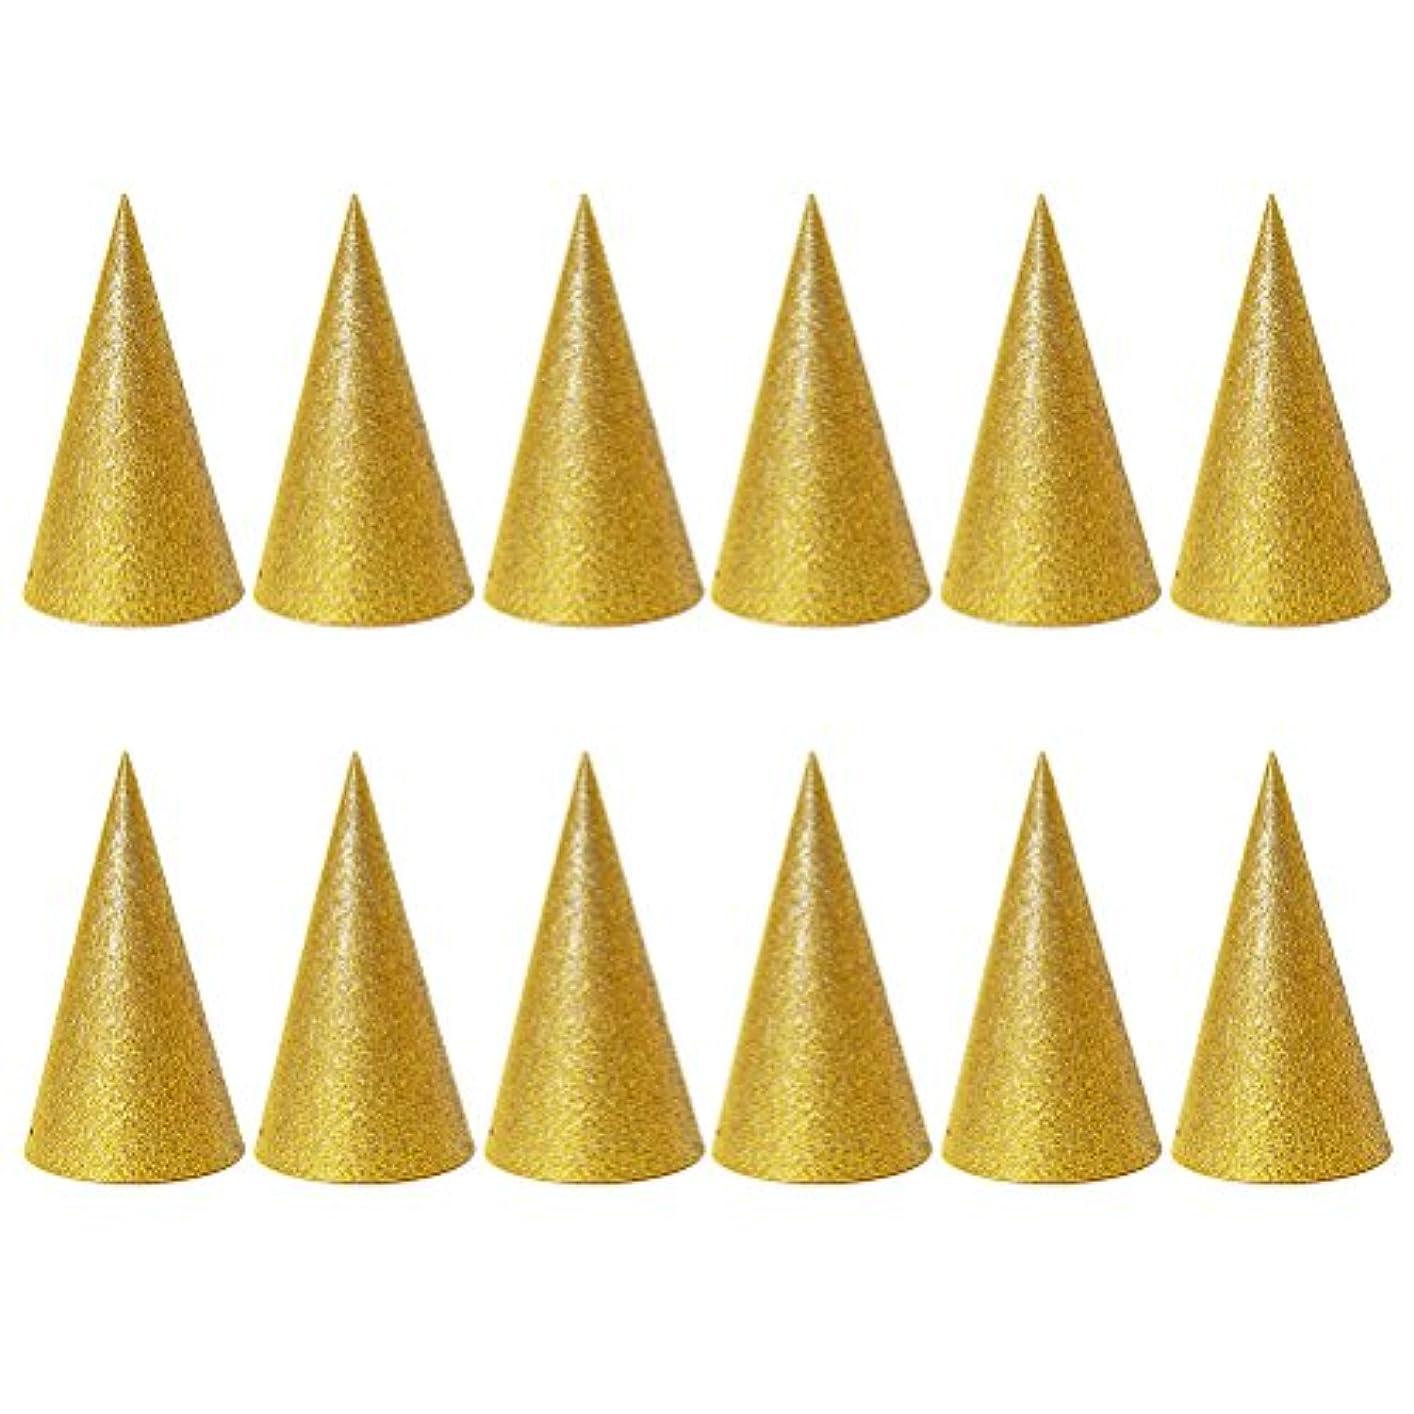 豆笑写真SUPVOX 子供と大人のパーティーのための12個のキラキラコーンパーティー帽子トライアングルバースデー帽子は装飾を飾ります(ゴールデン)